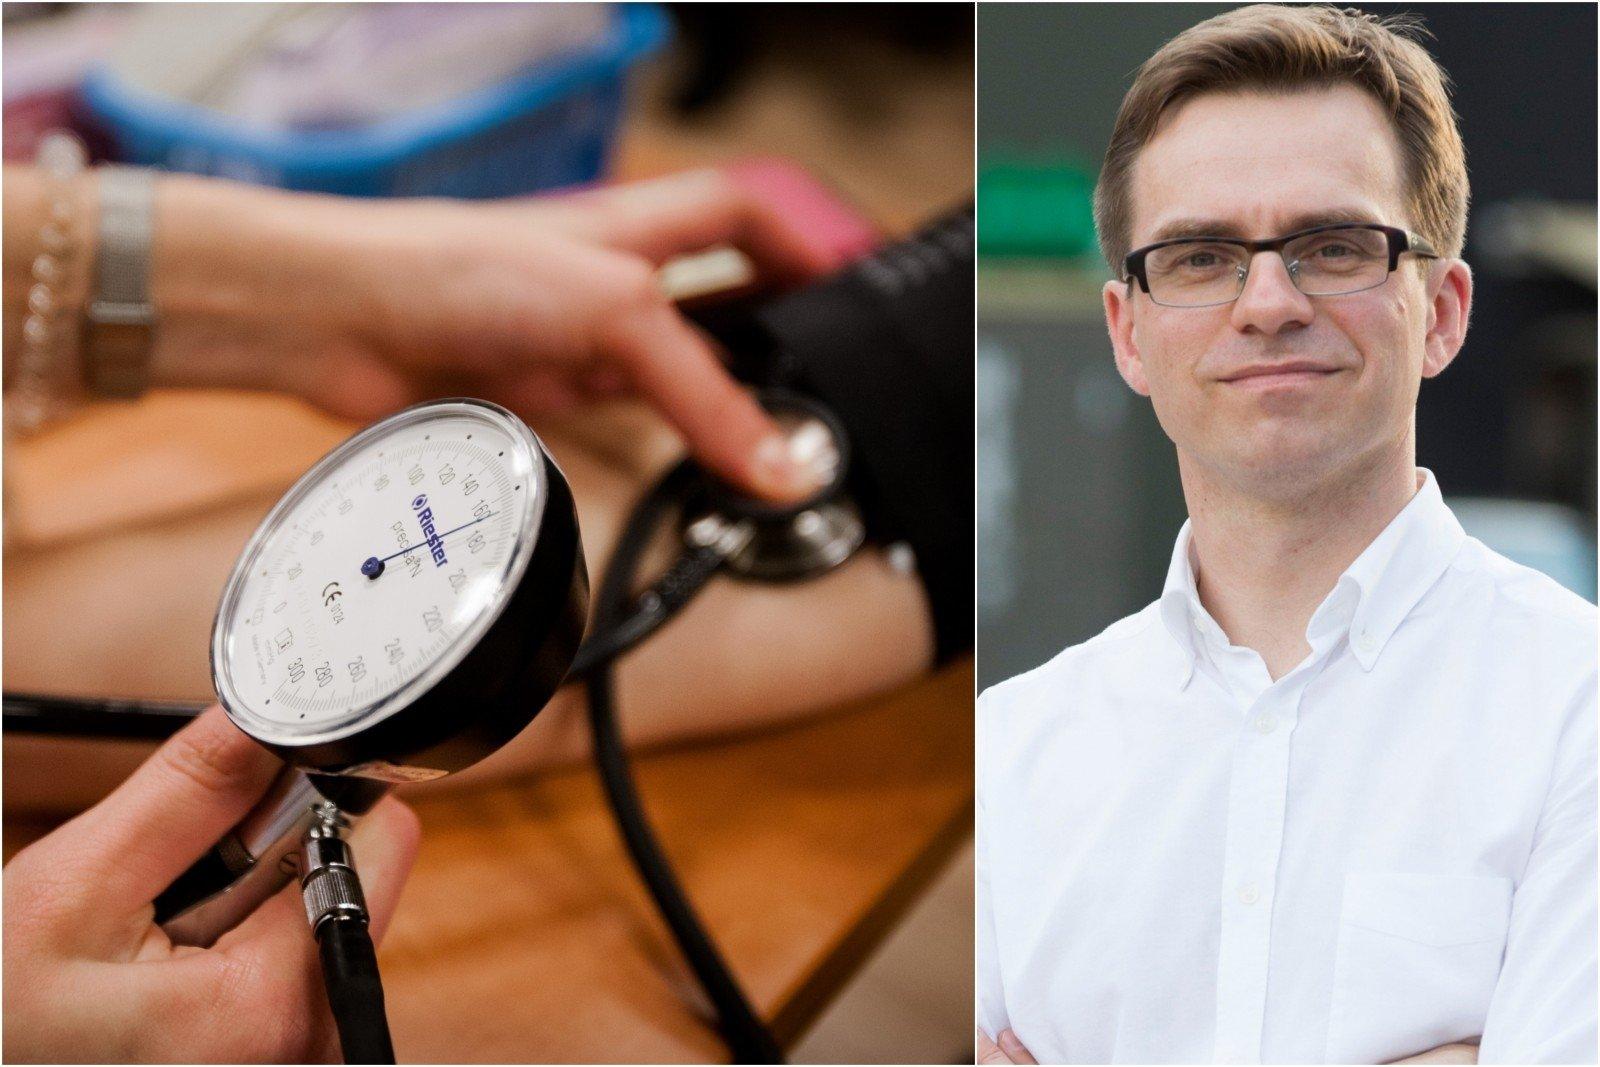 koks kraujospūdis gali būti laikomas hipertenzijos požymiu